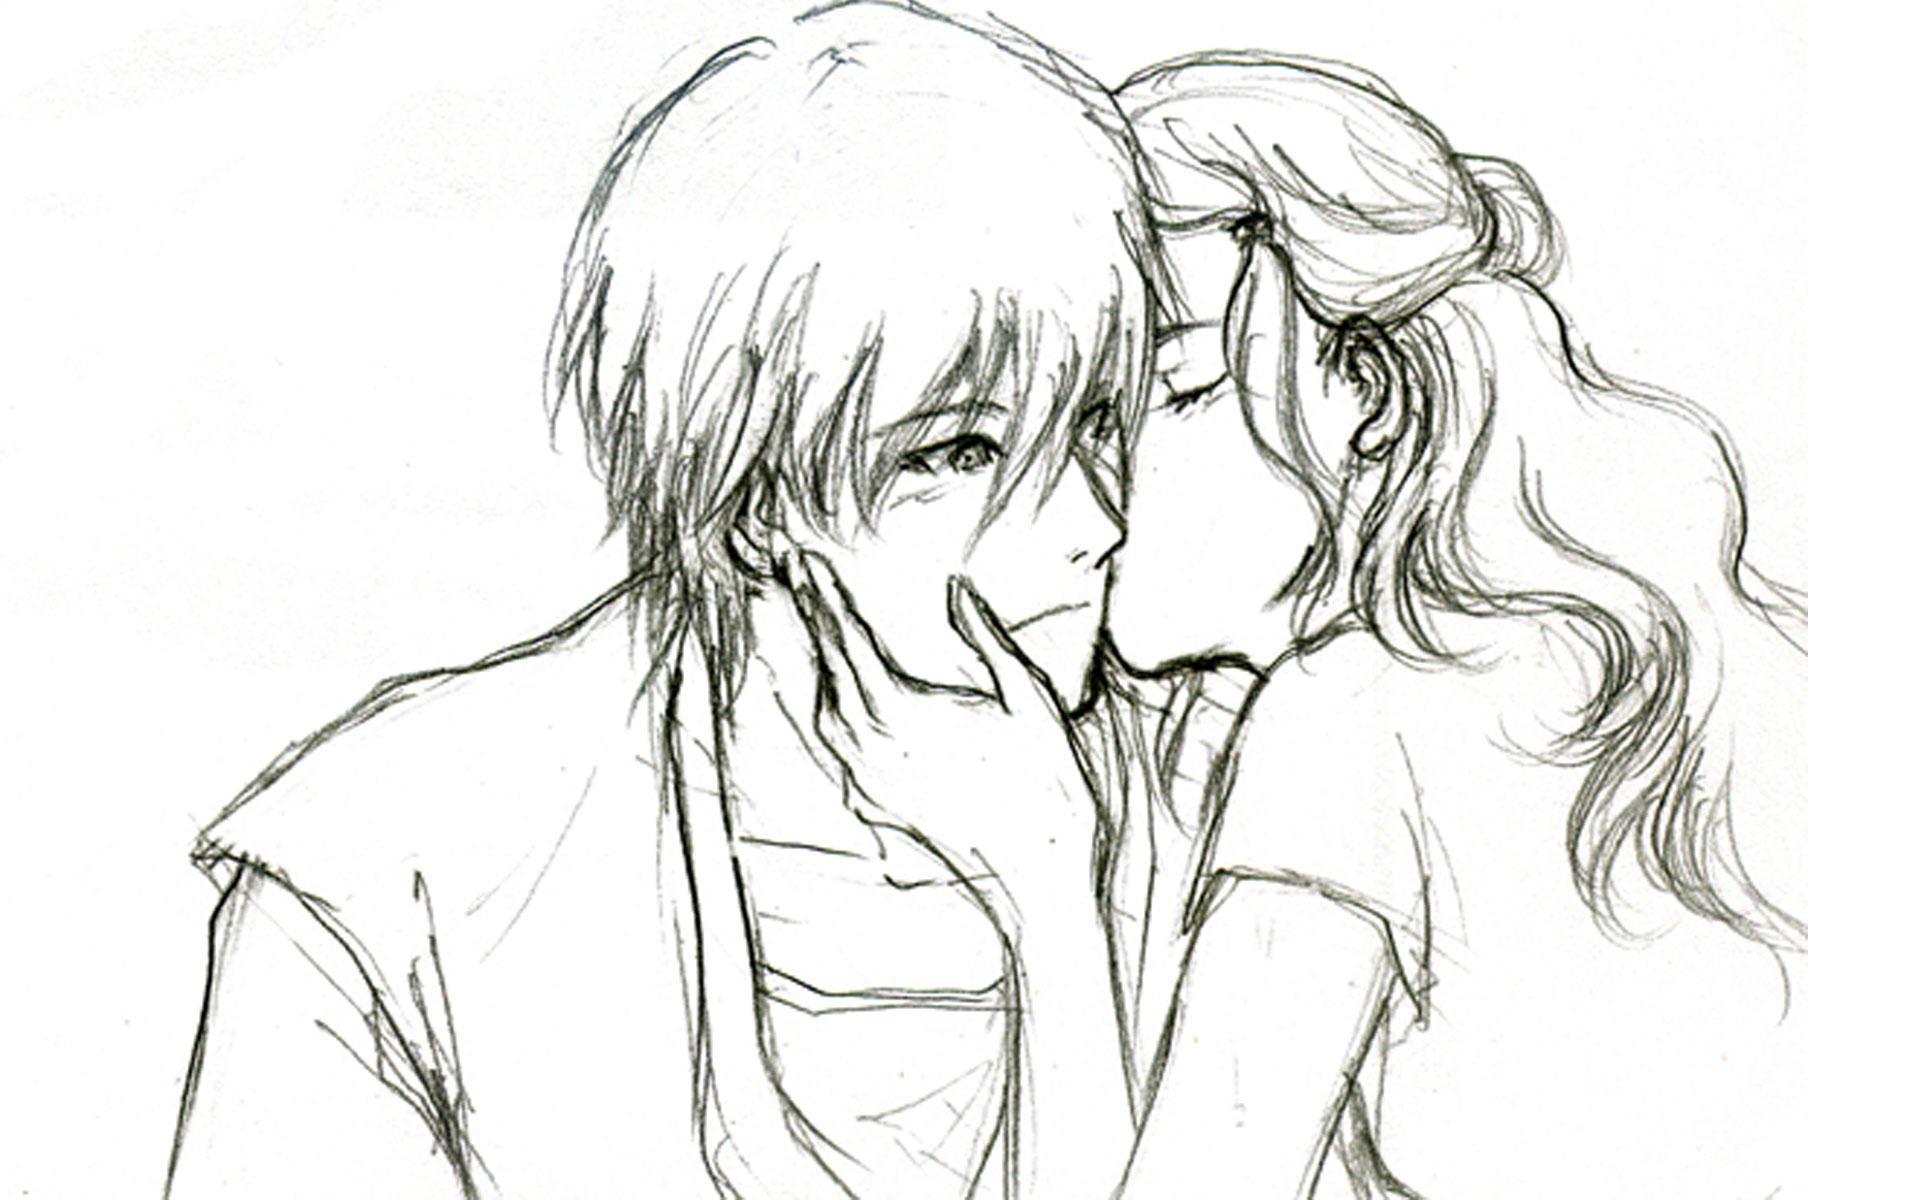 1920x1200 Boy Friendship Sketch Art Pencil Sketch Of Boy And Girl Friendship